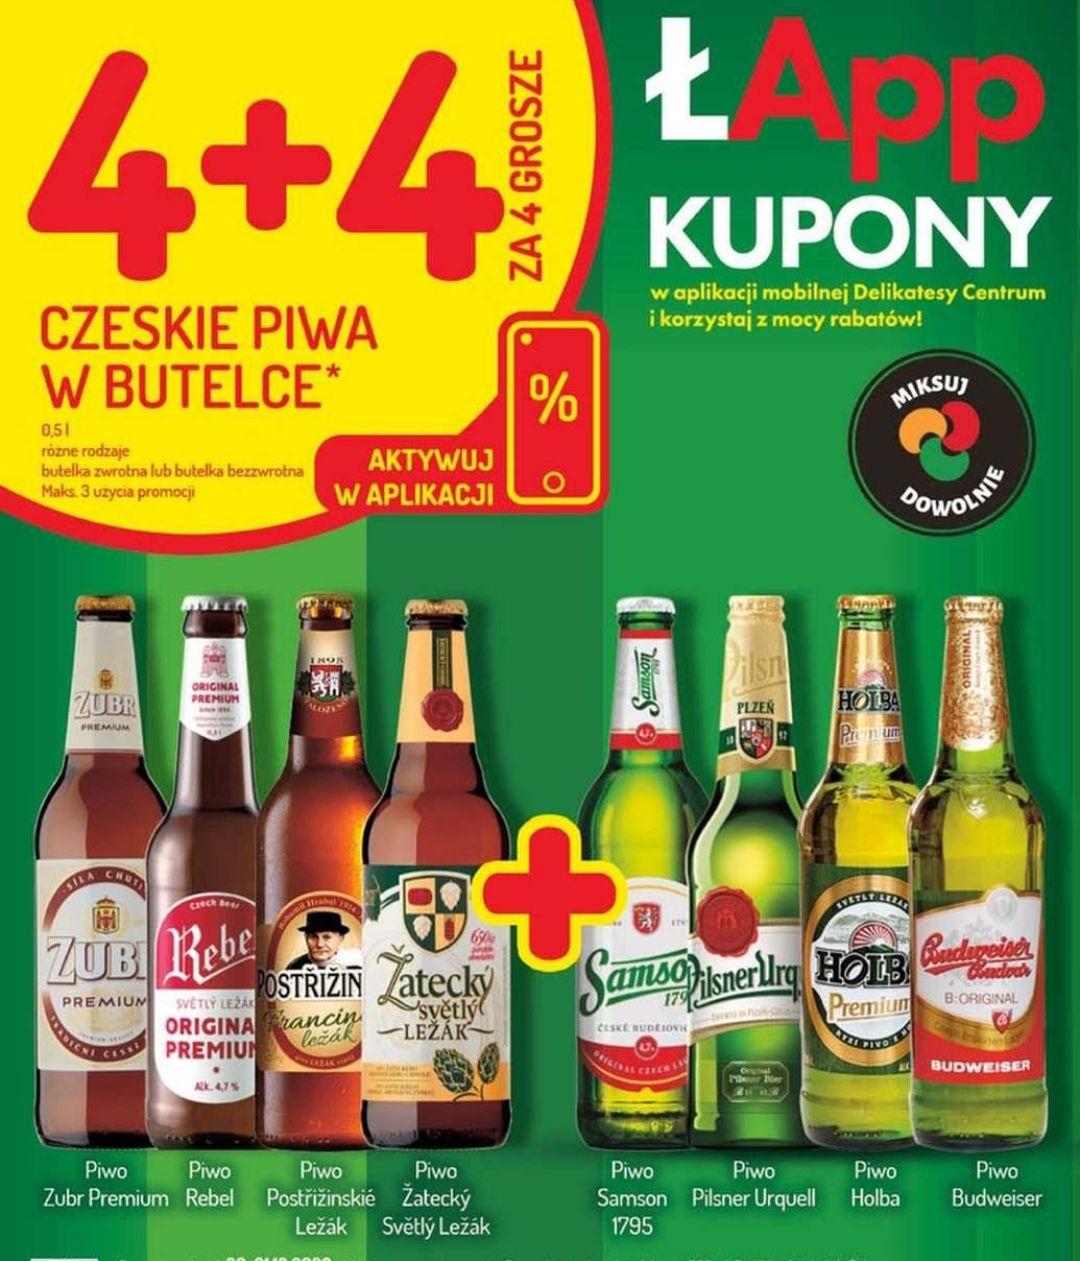 Czeskie piwa w butelce 4 + 4 za darmo (4gr) mix dowolnie - Mila